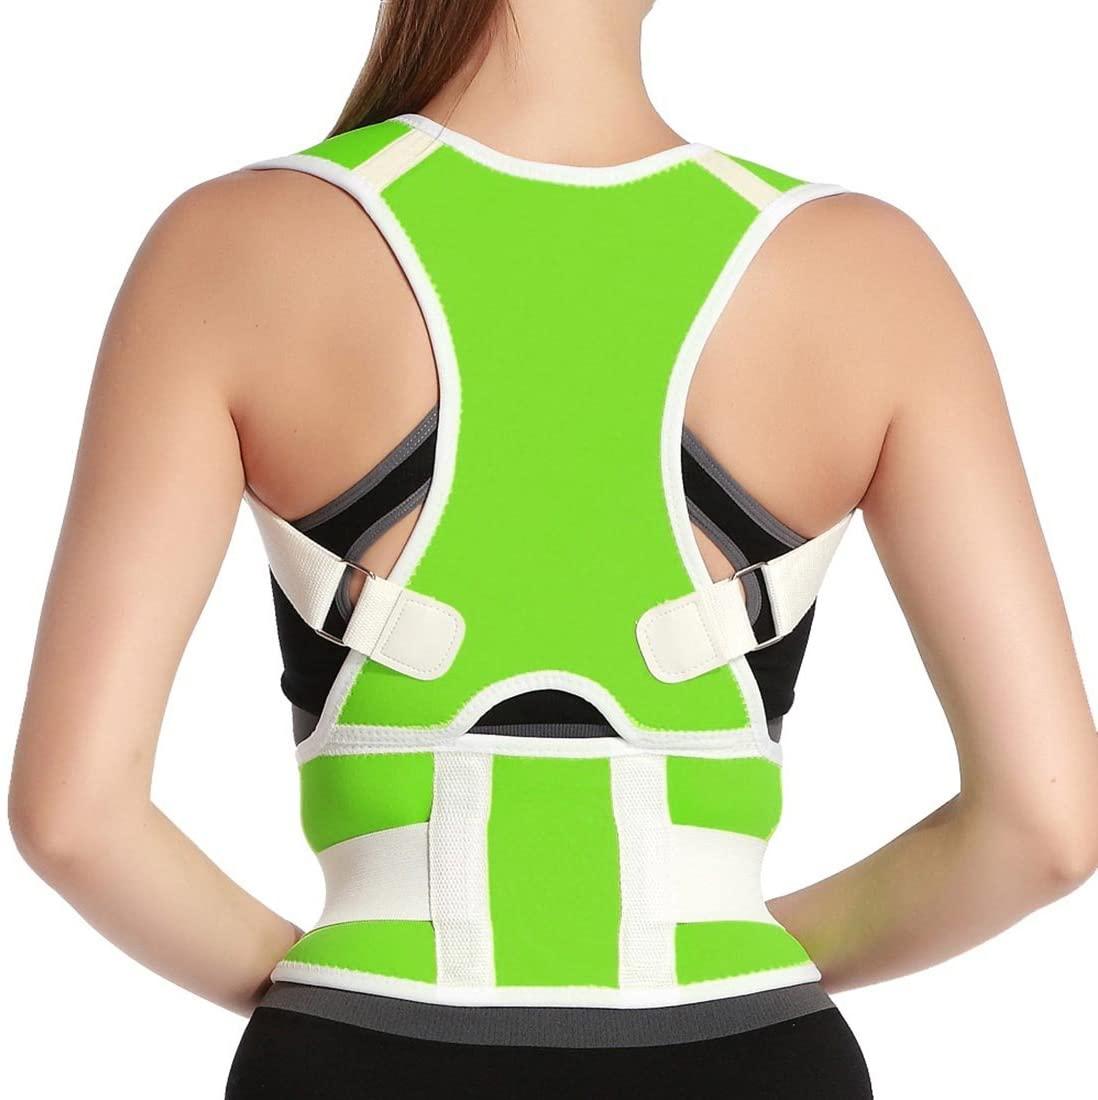 Unisex Adjustable Back Posture Corrector Shoulder Health Orthopedic Support Belt Thoracic Back Brace Posture Support Corrector for Neck Shoulder Upper Back Pain Relief Size XL Green